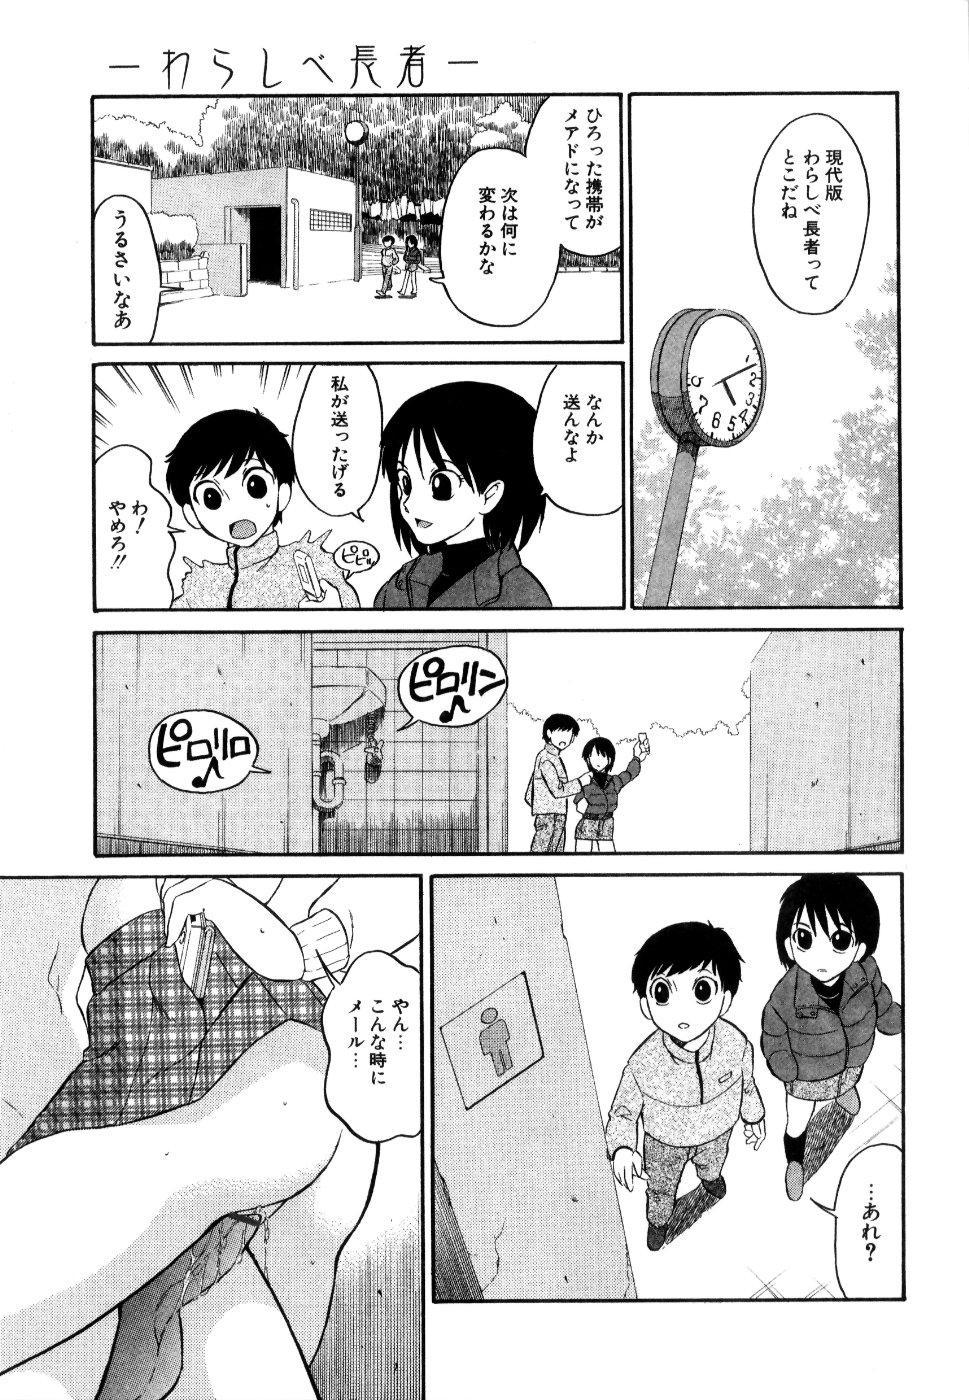 [Dozamura] Doguu -Dozamura Guuwa- Kuro 213